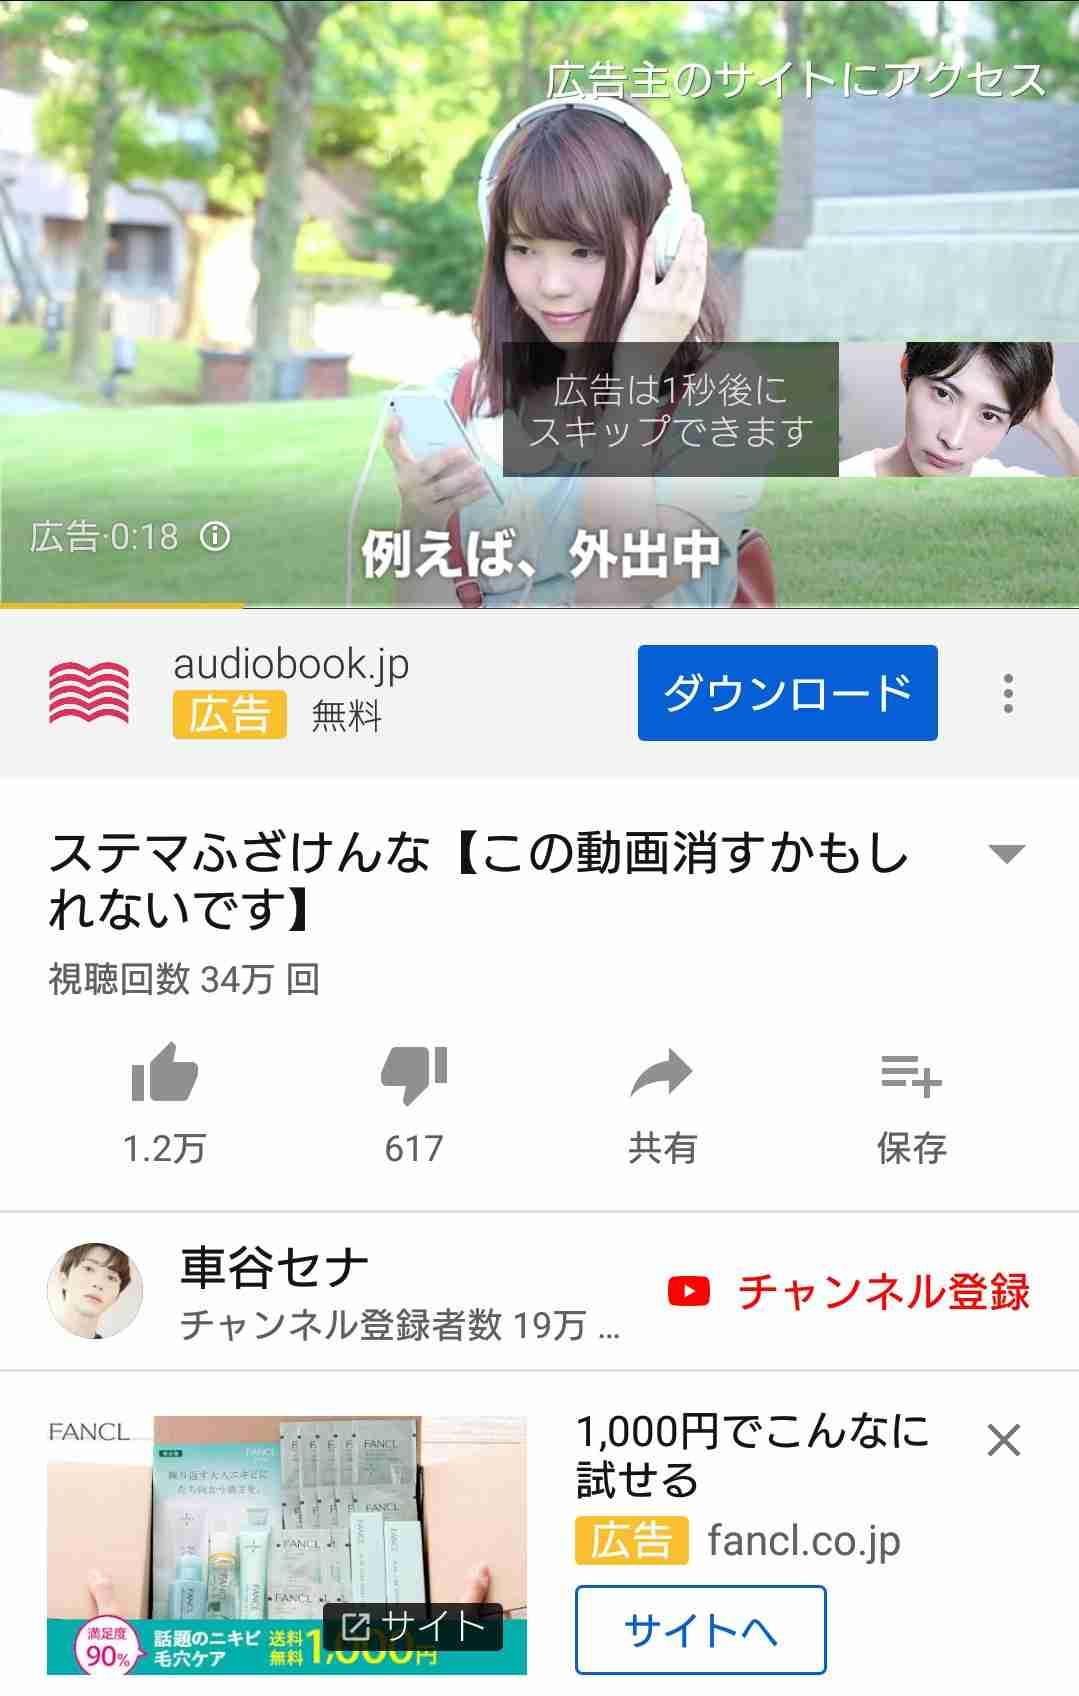 美容系YouTuber・車谷セナ、同業者の「ステマ」批判 「同じにされたくない」